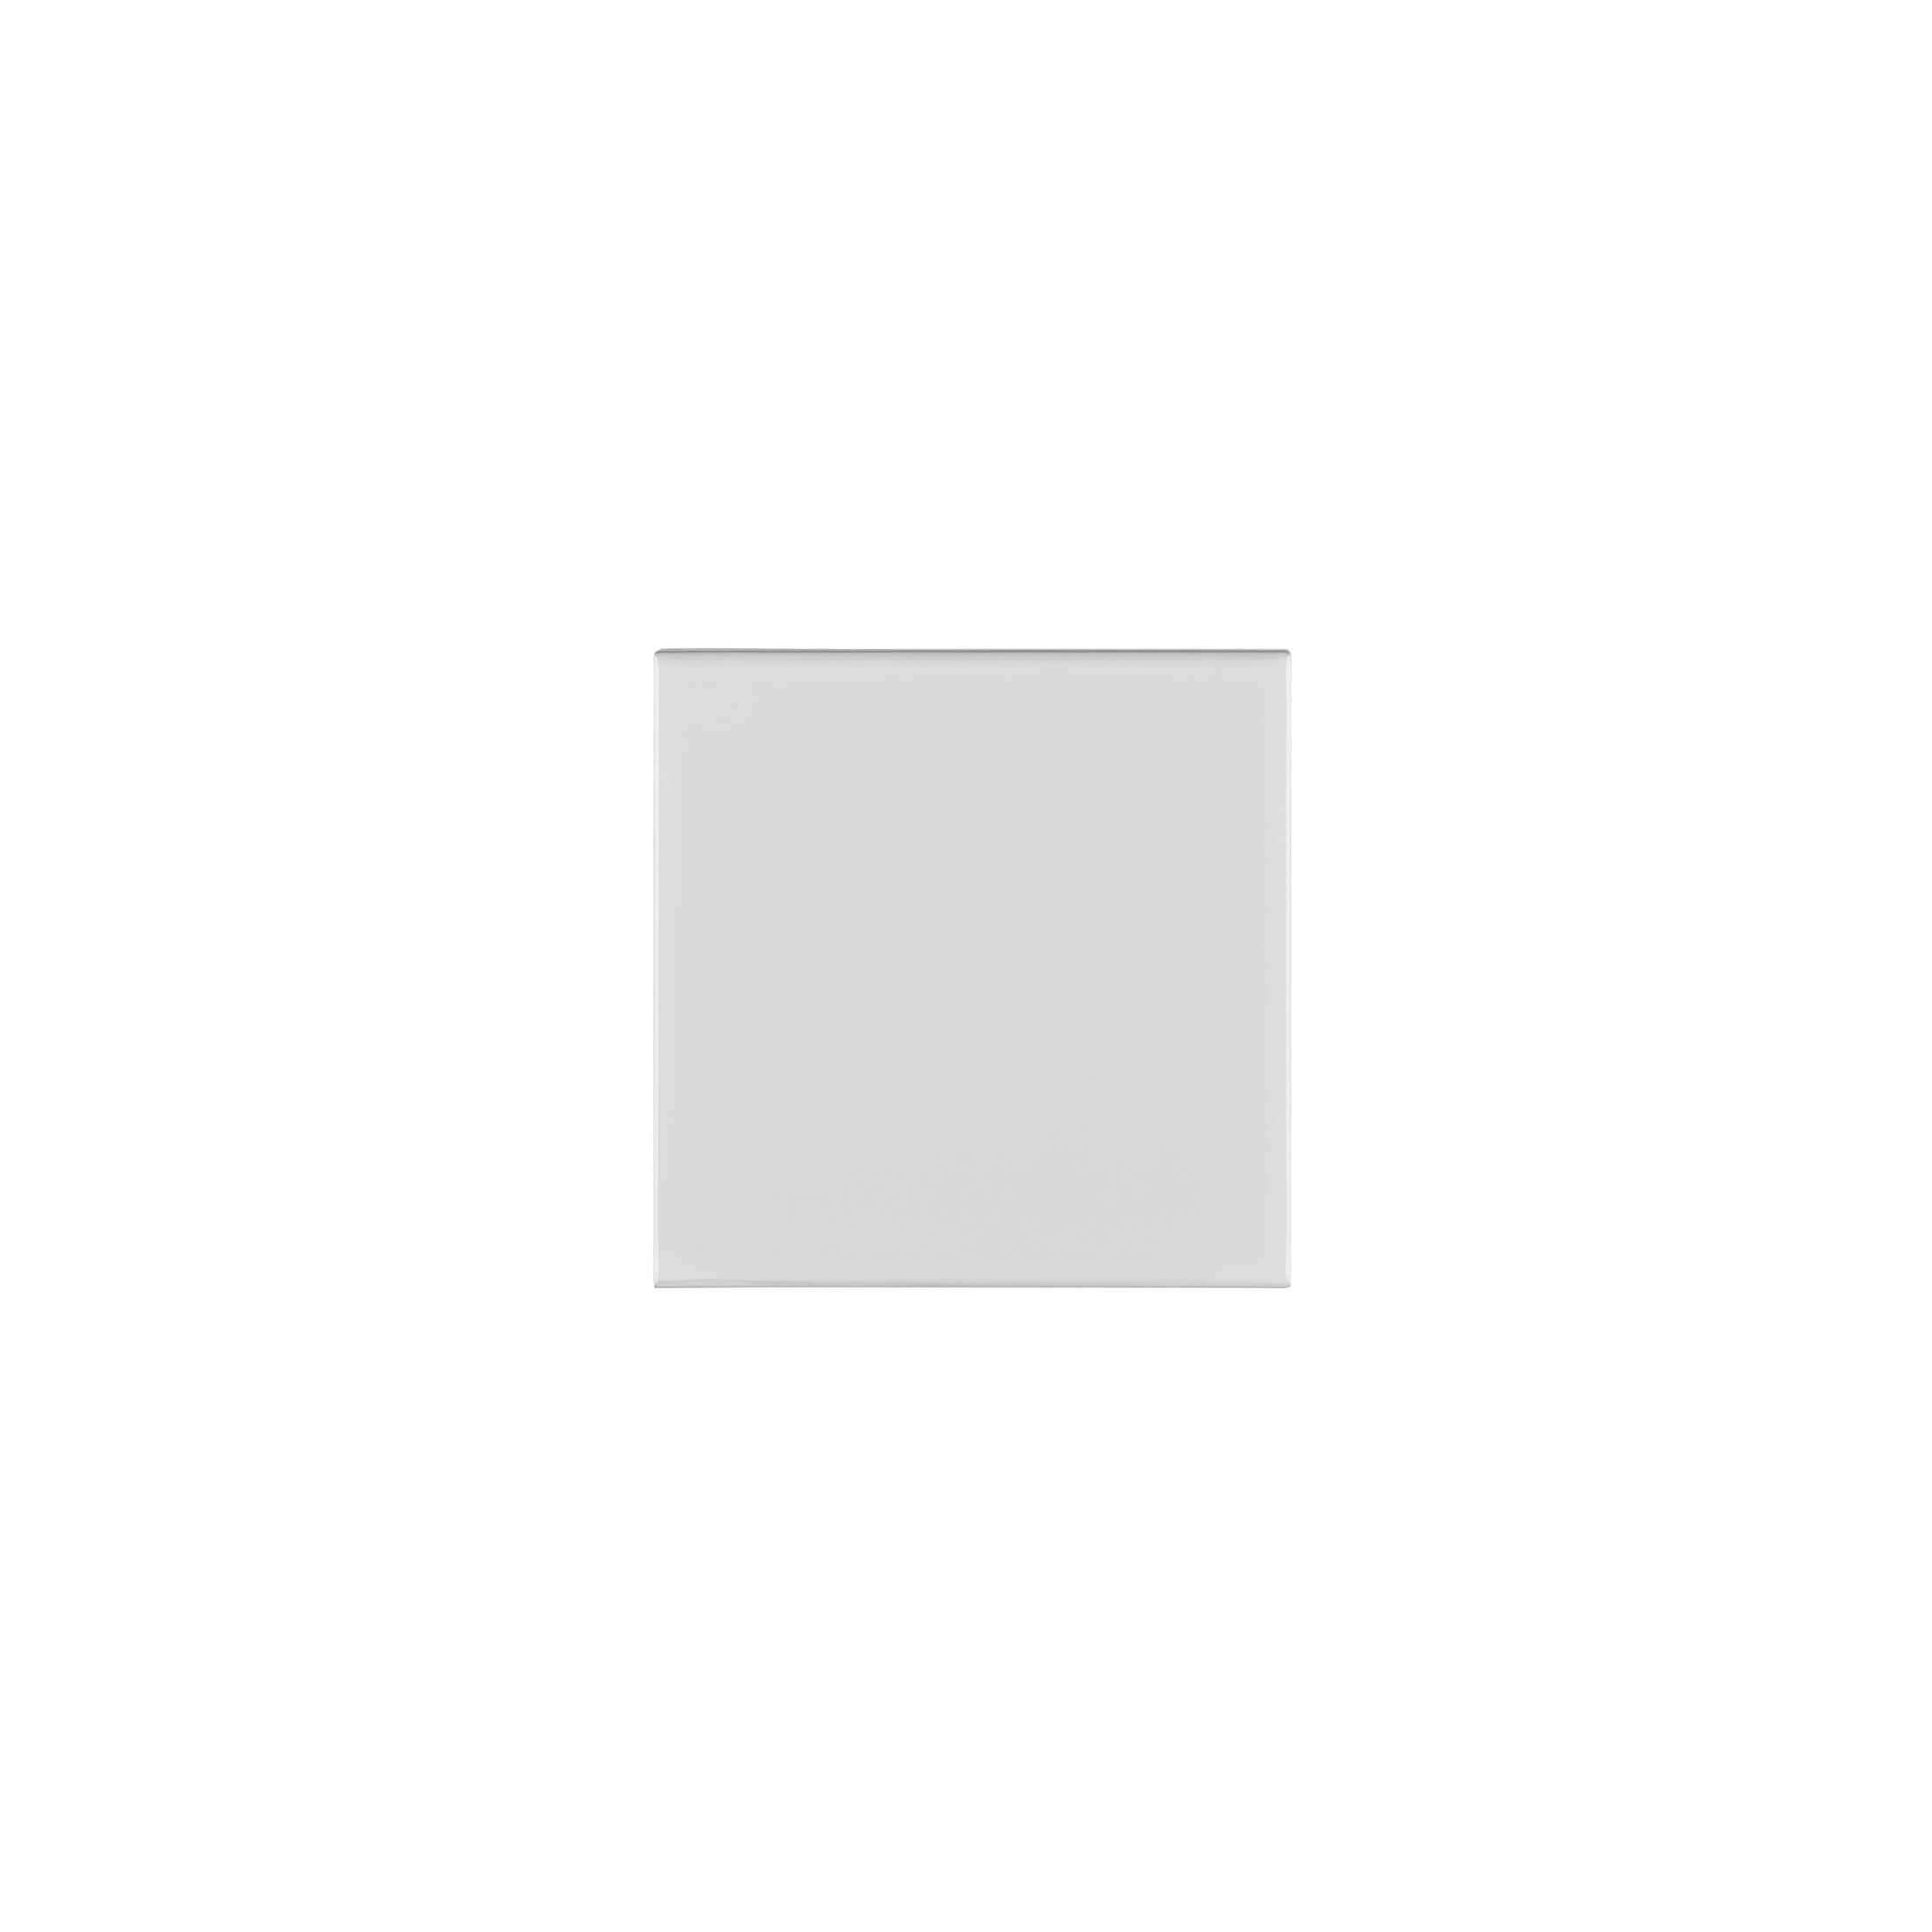 ADRI1022 - 10 cm X 10 cm